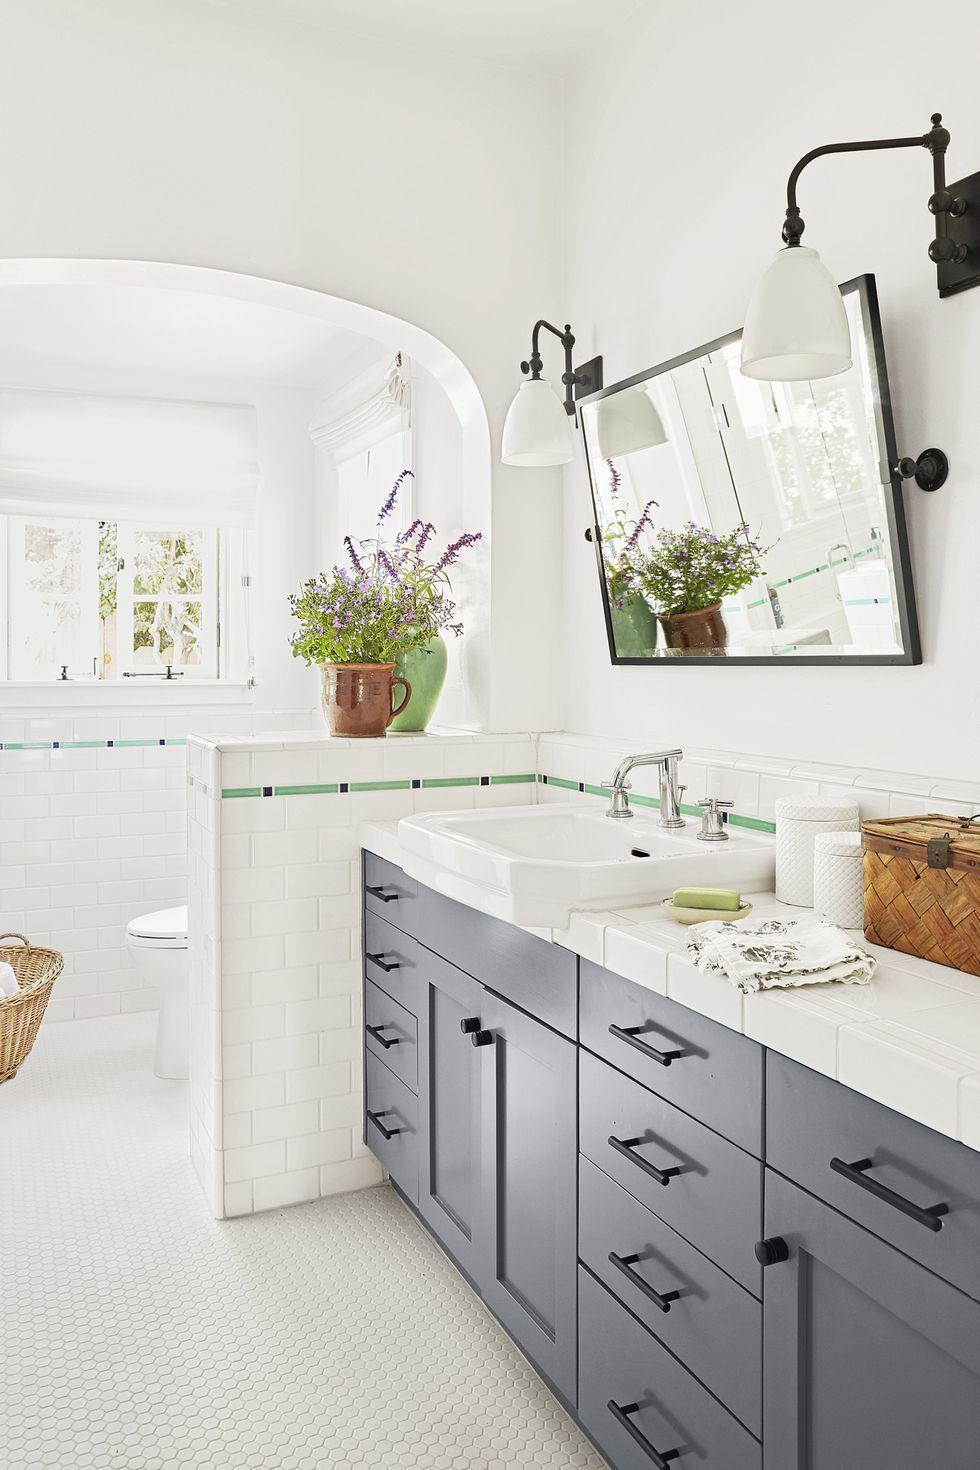 Bathroom Decorations 2021 in 2020 | Best bathroom tiles ...